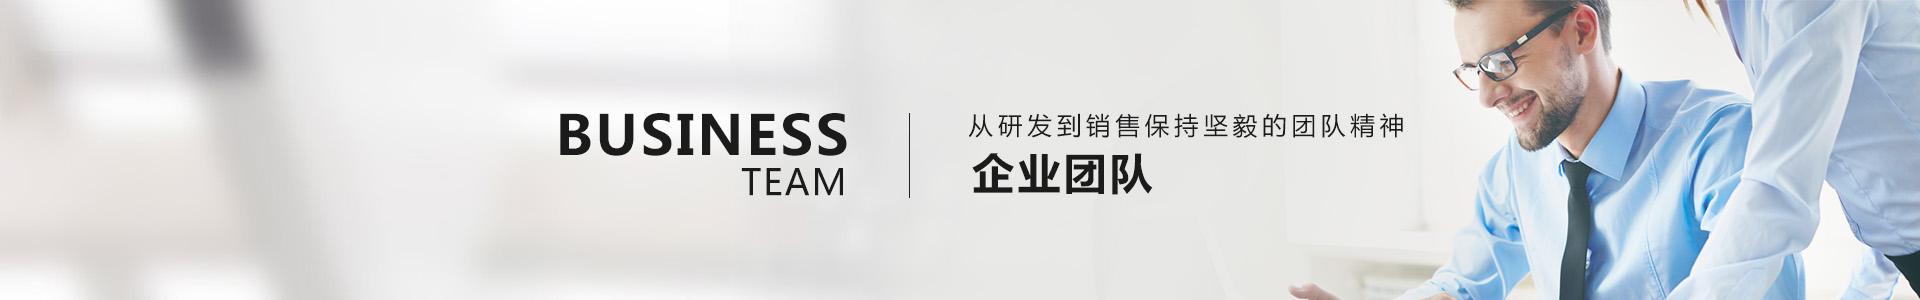 粤鑫真皮手套独立研发设计生产团队